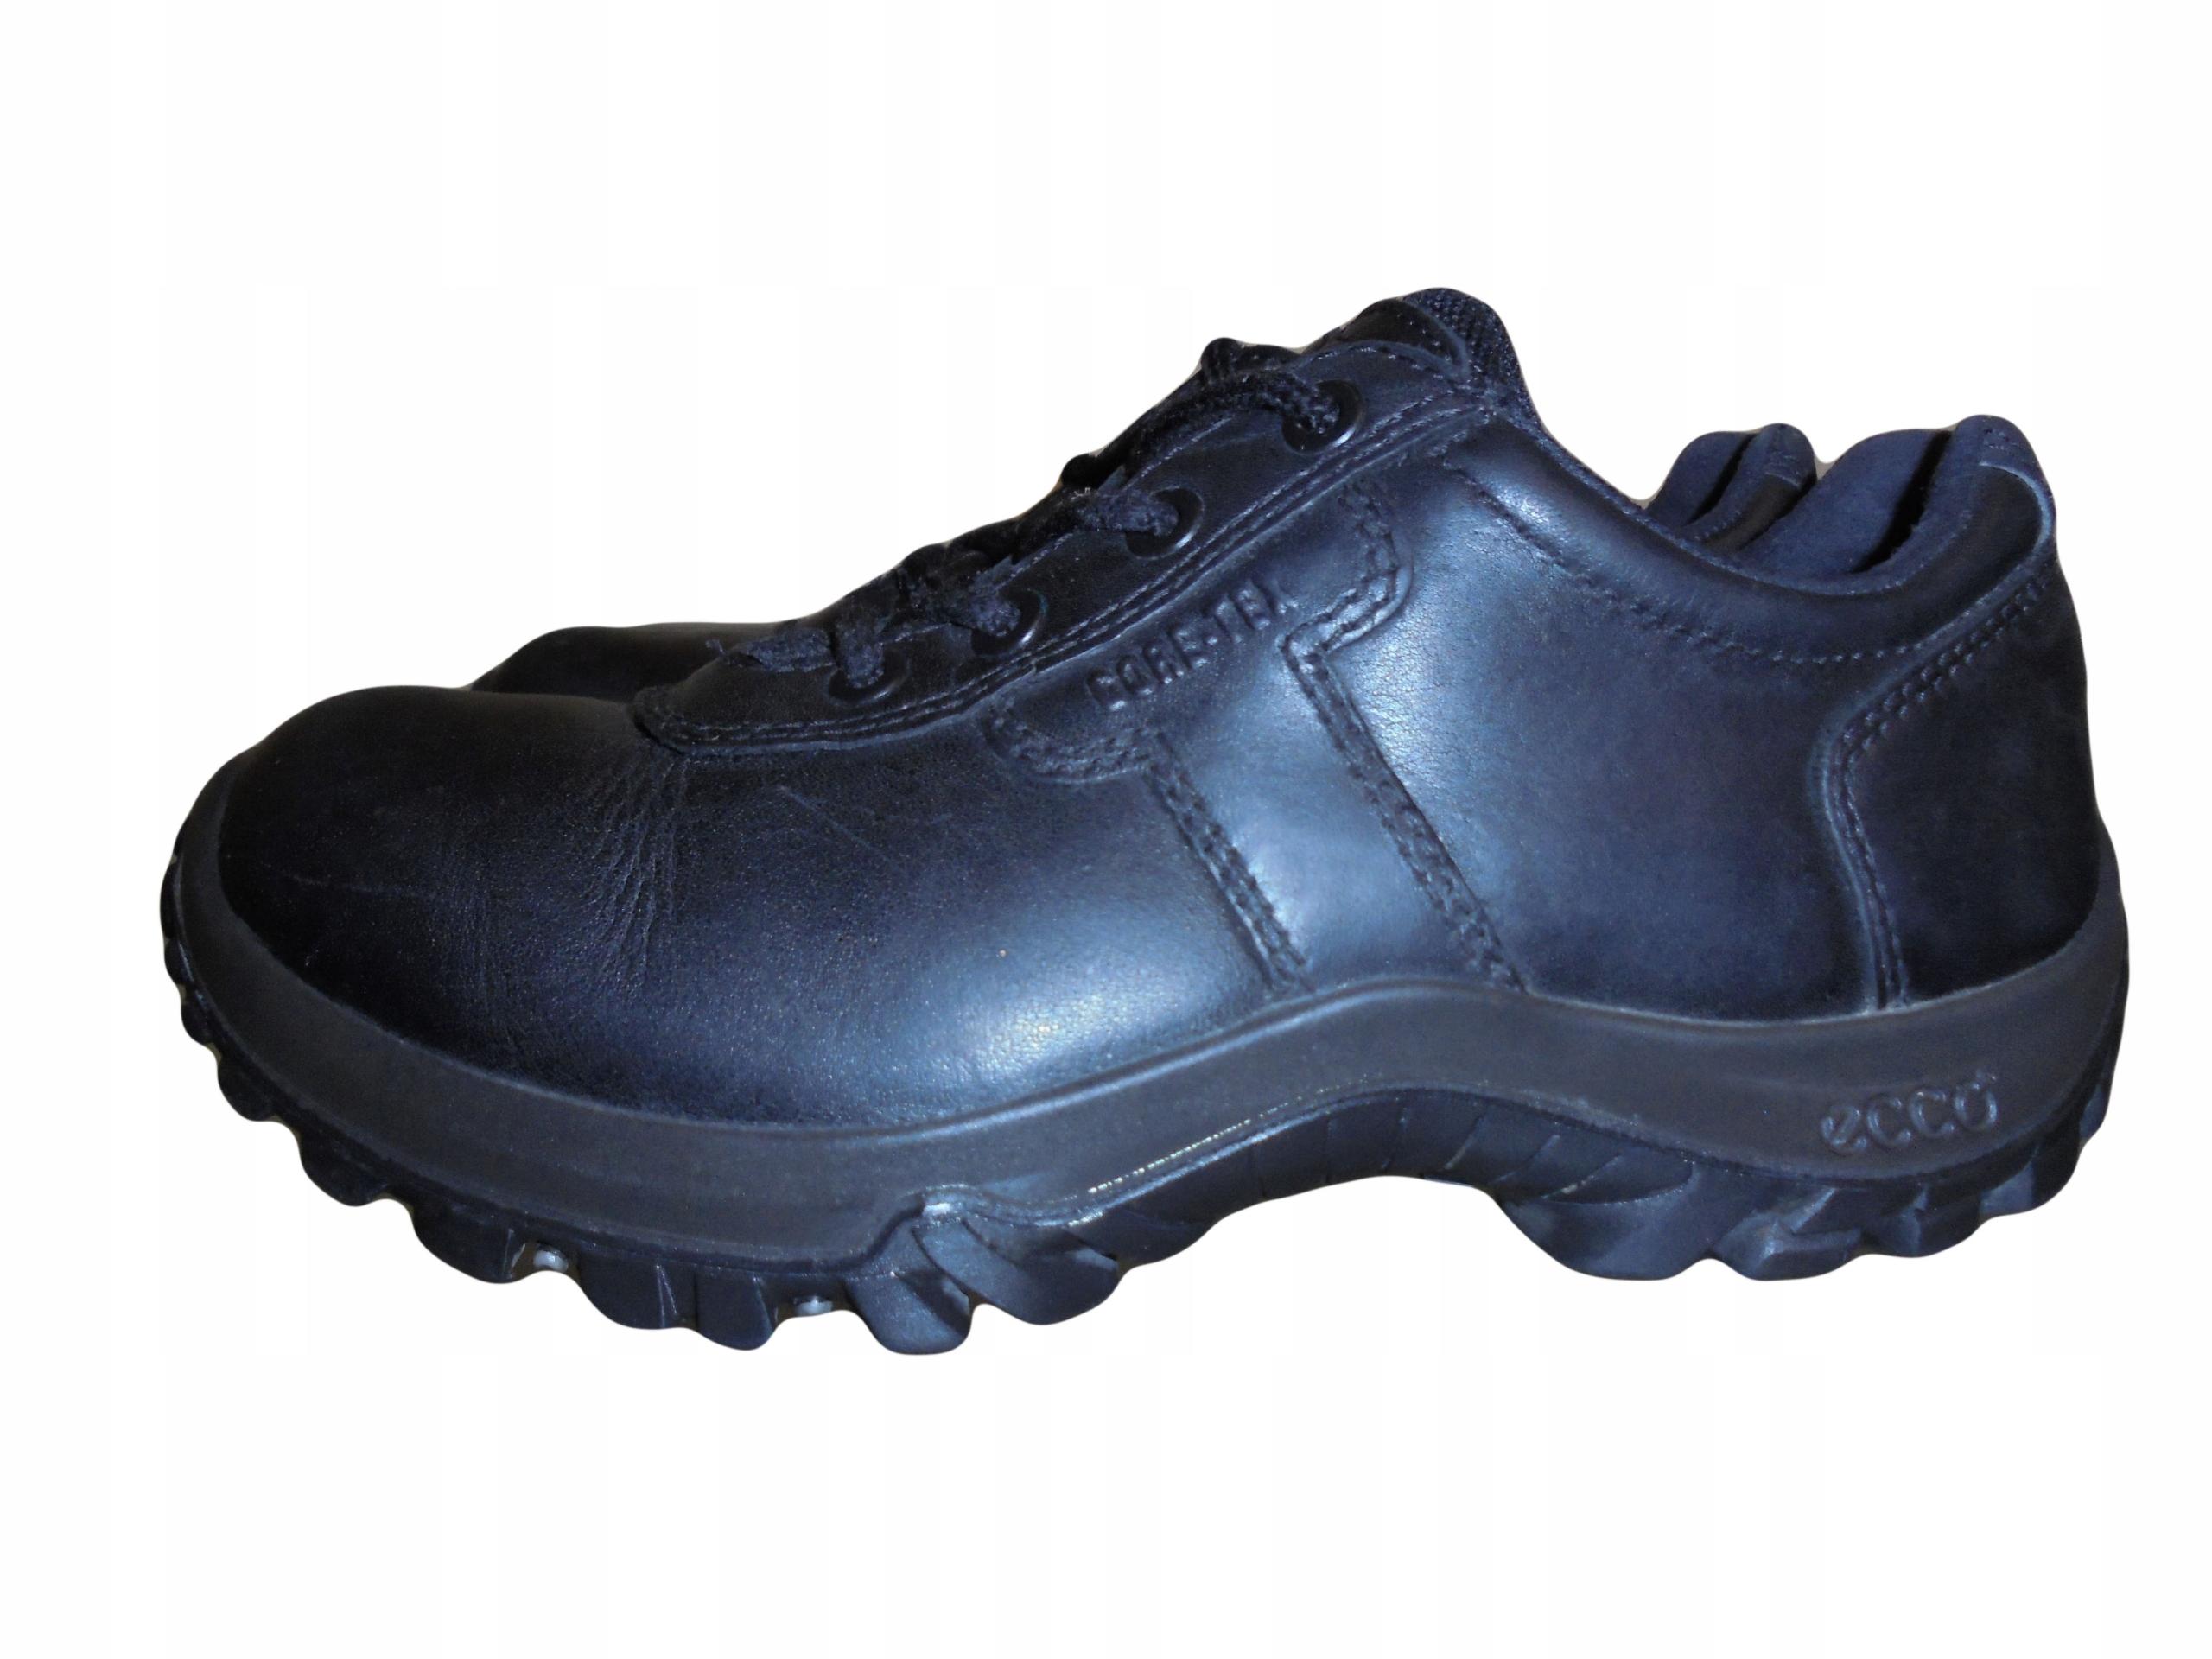 Skórzane buty Ecco z Gore-tex. Stan idealny. 36